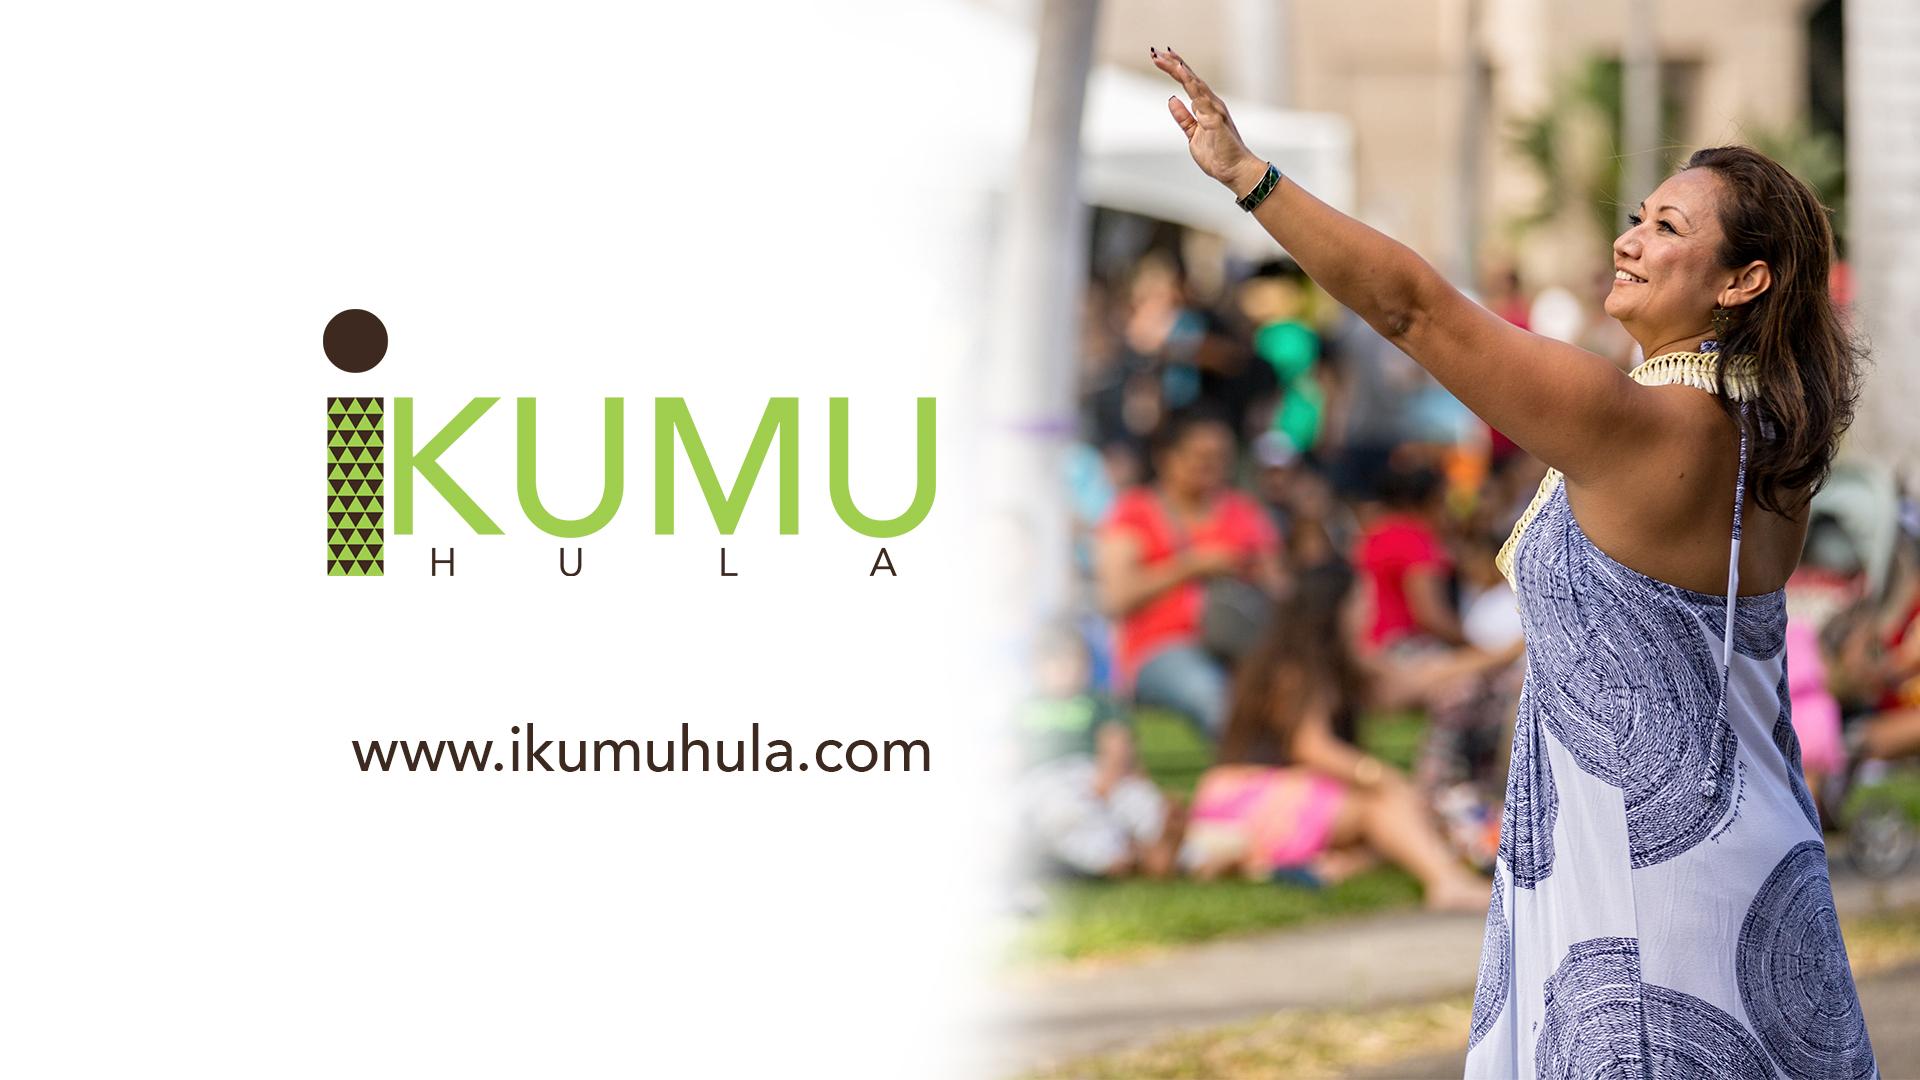 Aloha mai kakou – iKumuHula